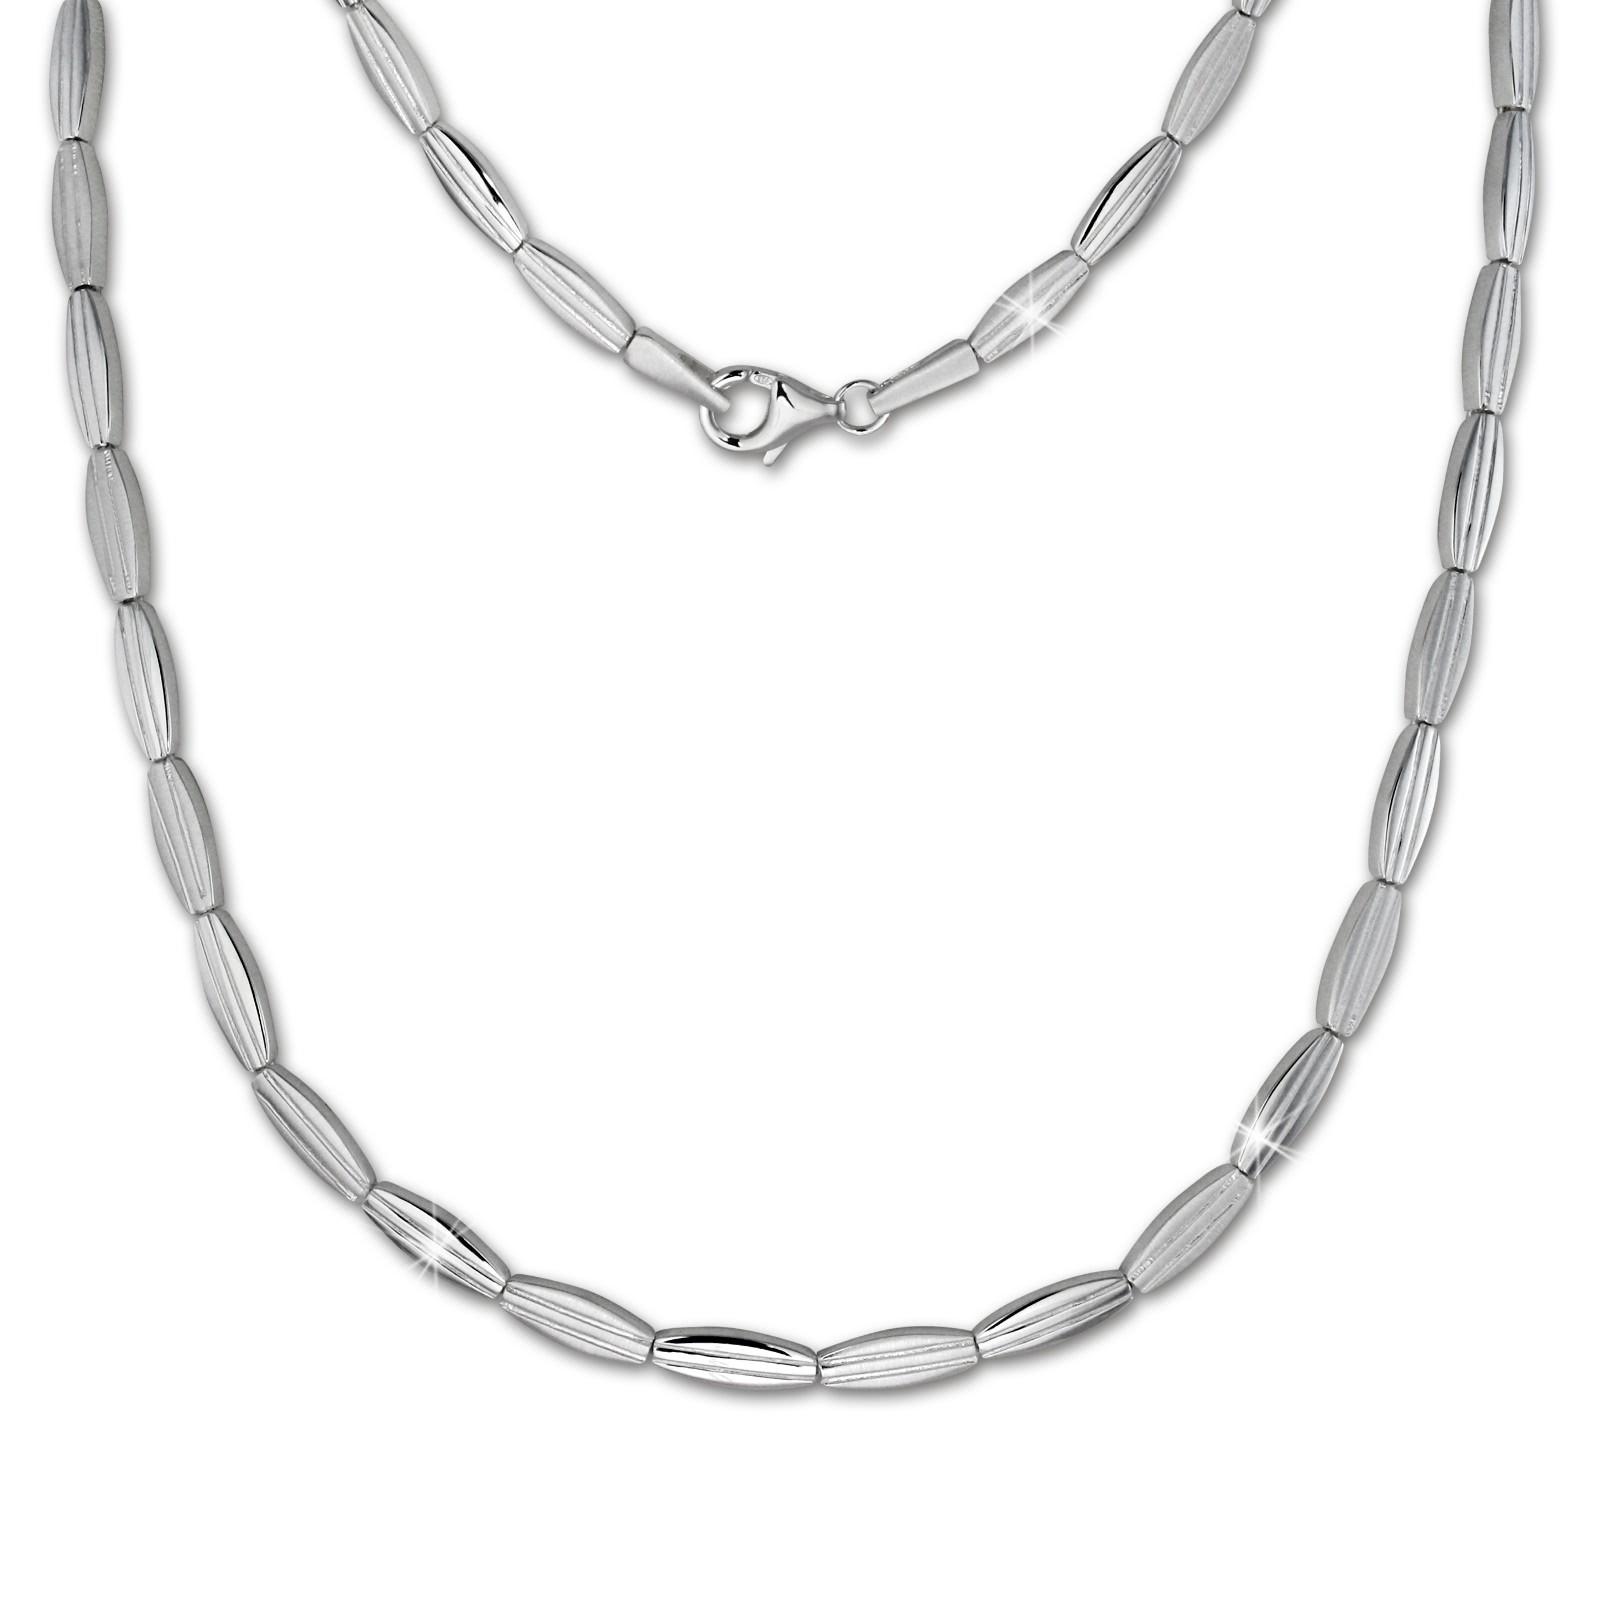 SilberDream Collier Kette Fantasie 925 Silber 44,5cm Halskette SDK441J